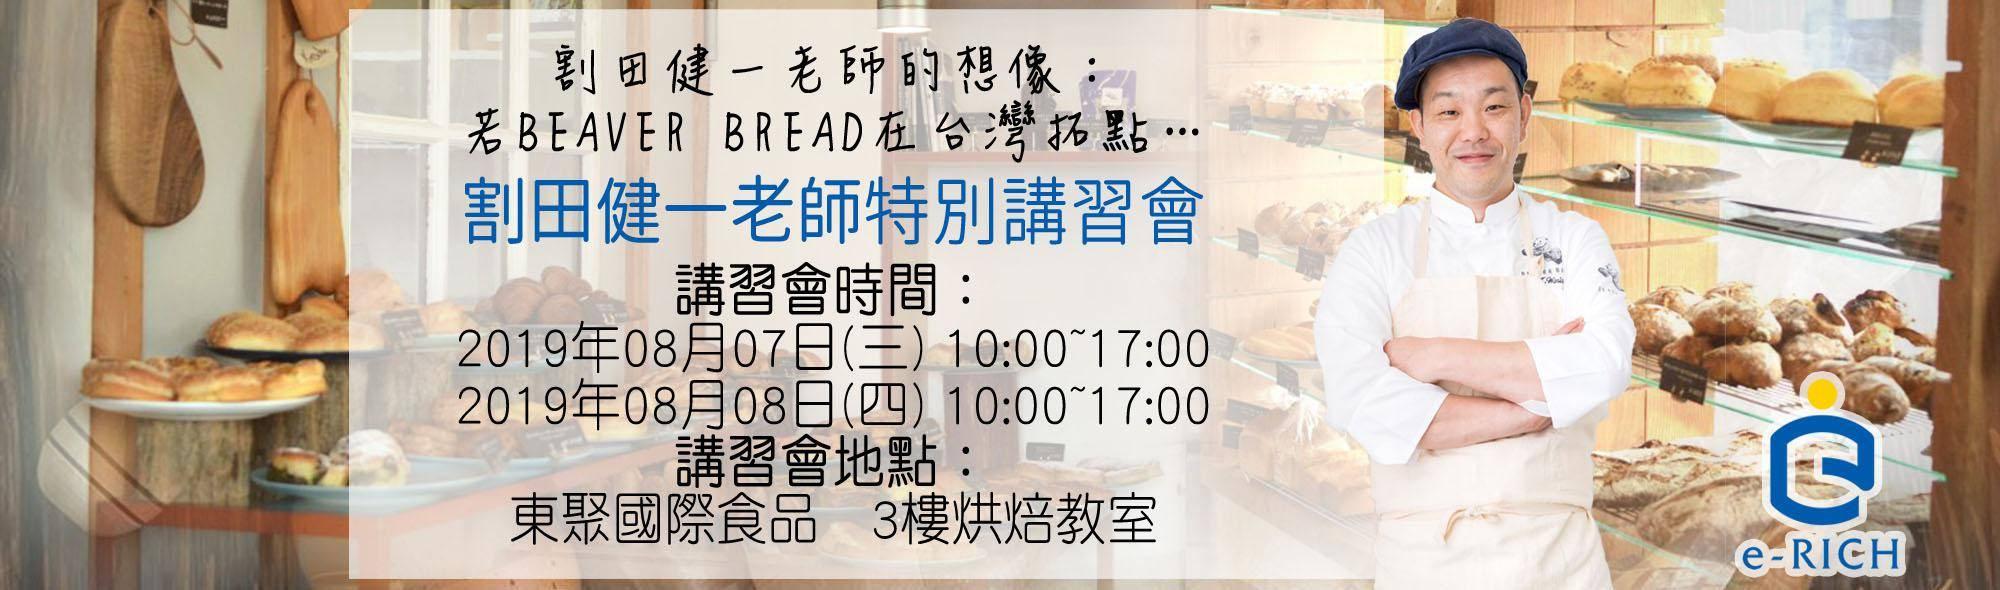 2019年割田老師「割田老師的想像:若BEAVER BREAD在台灣拓點...」特別講習會